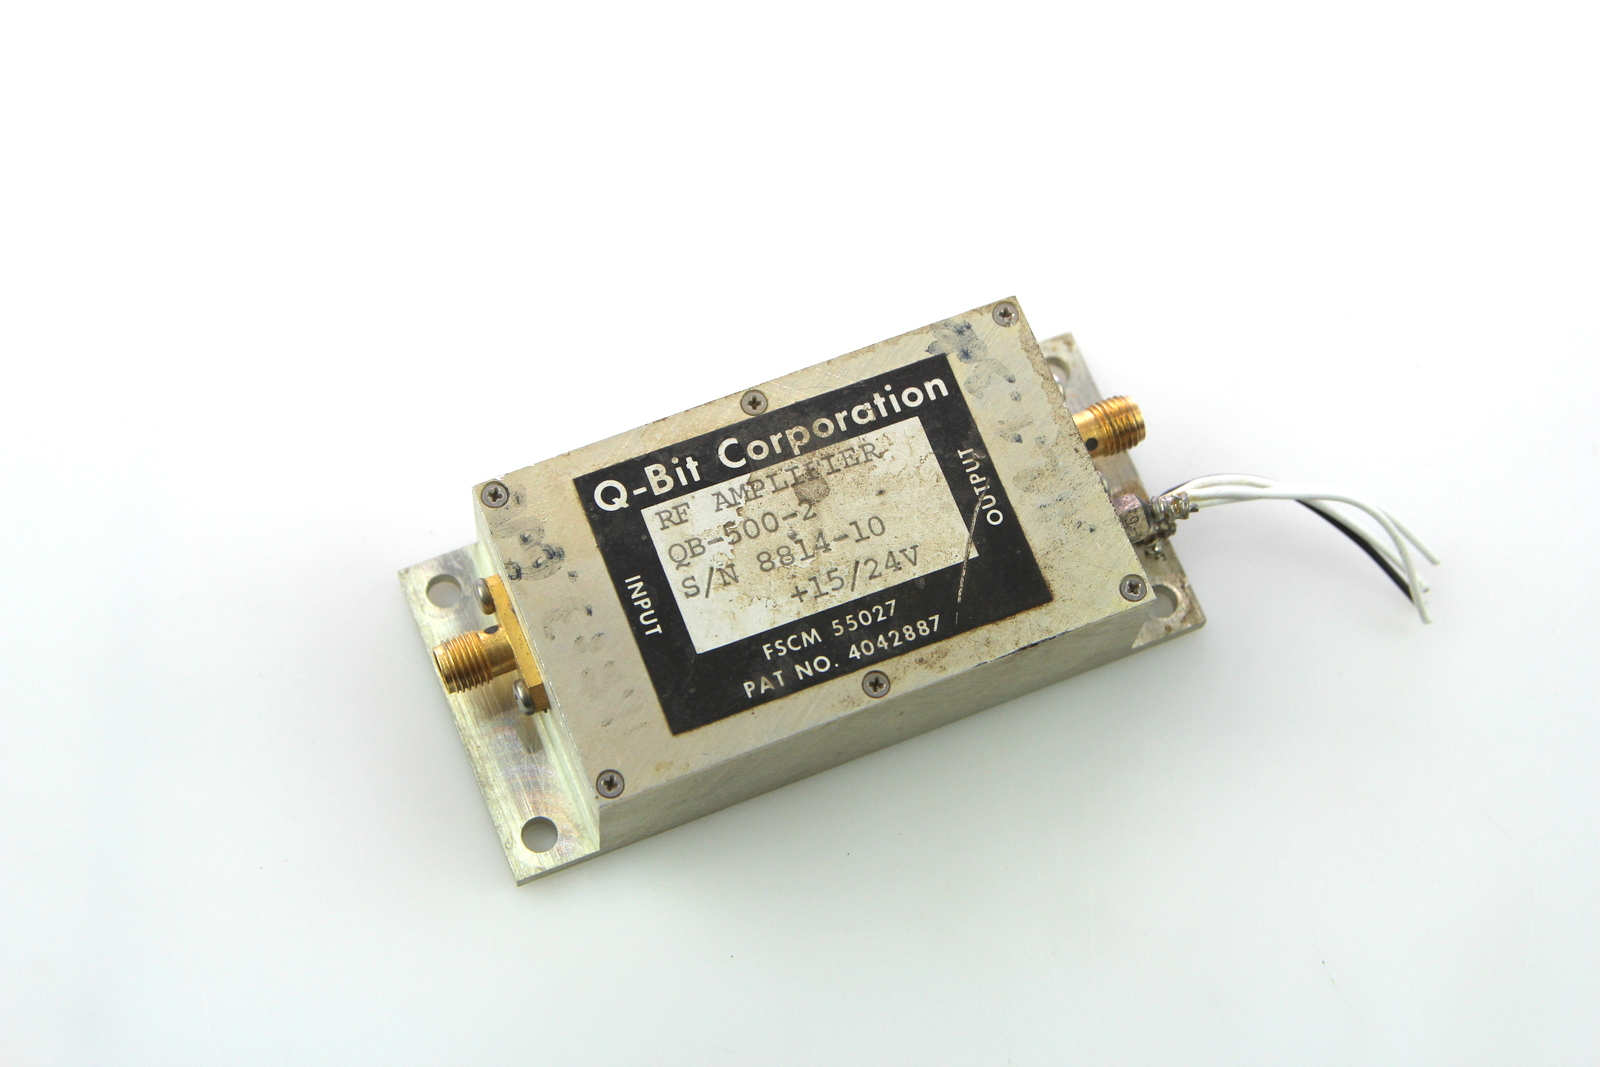 Details about Q-BIT RF AMPLIFIER QB-500-2 1- 700 MHz Gain: 20dB SMA